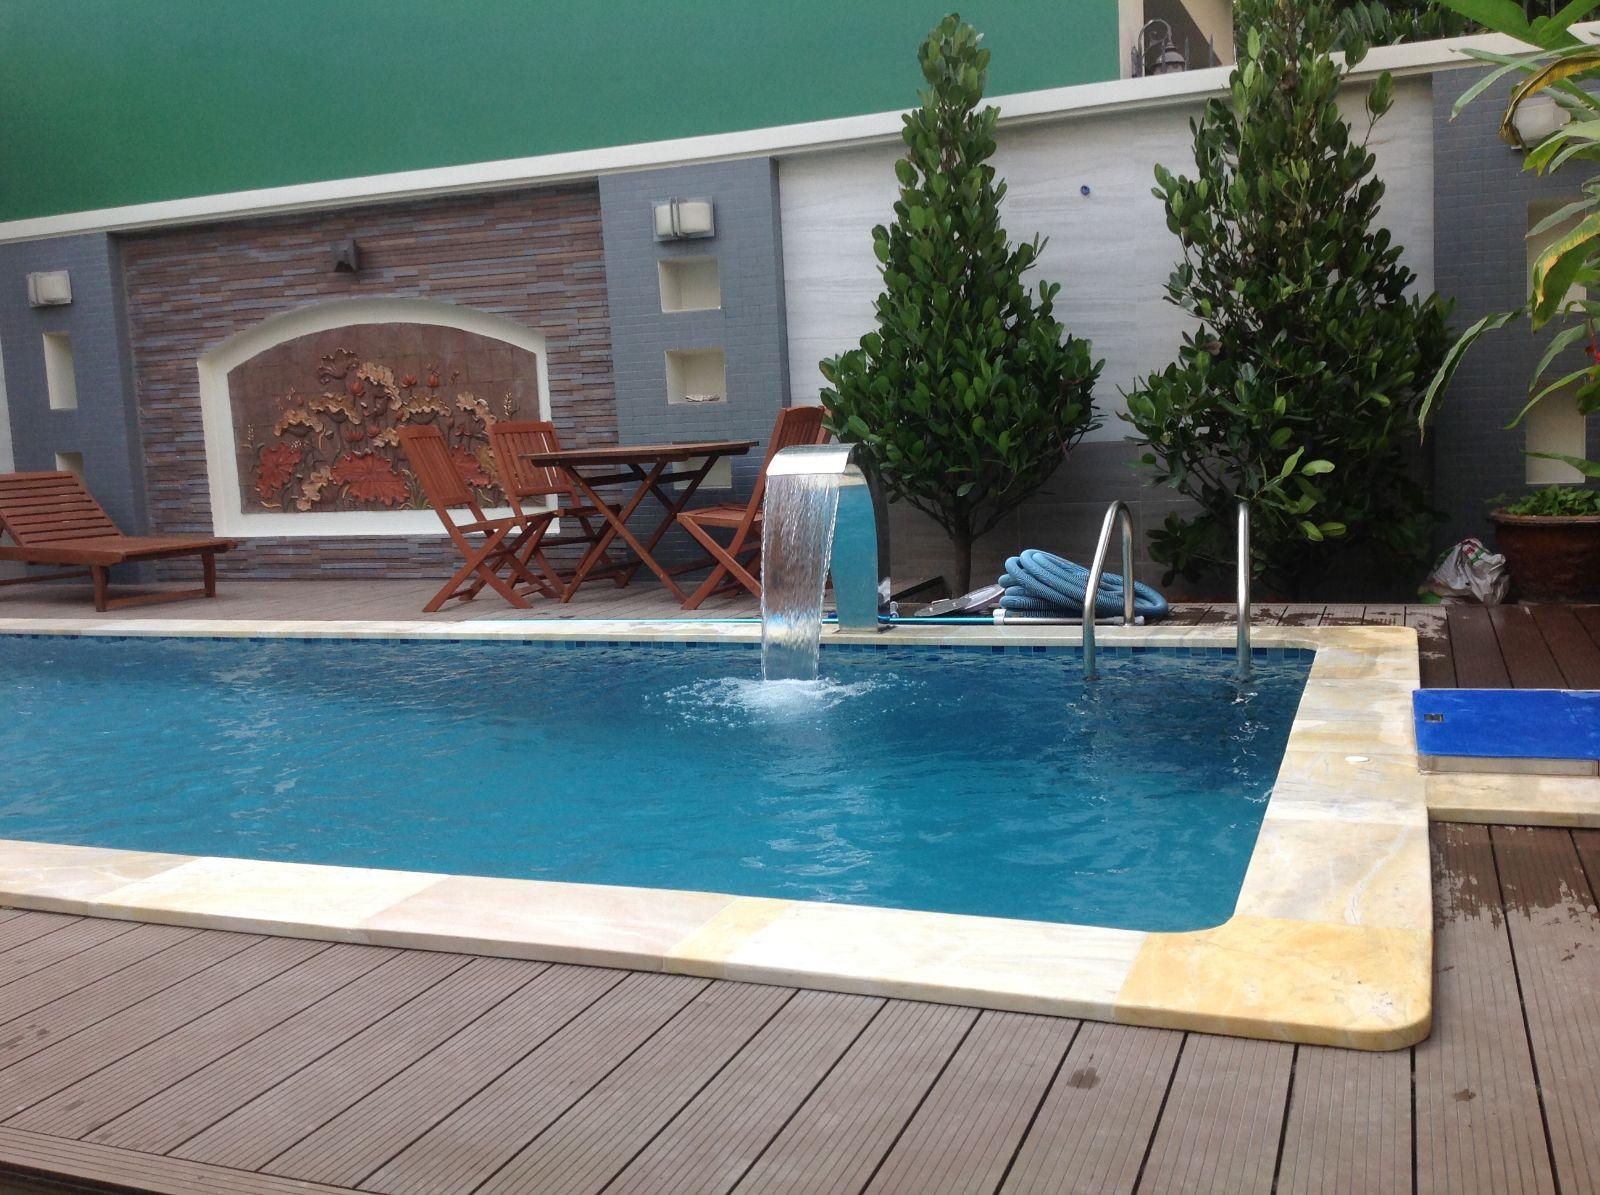 xây dựng hồ bơi phù hợp khuôn viên